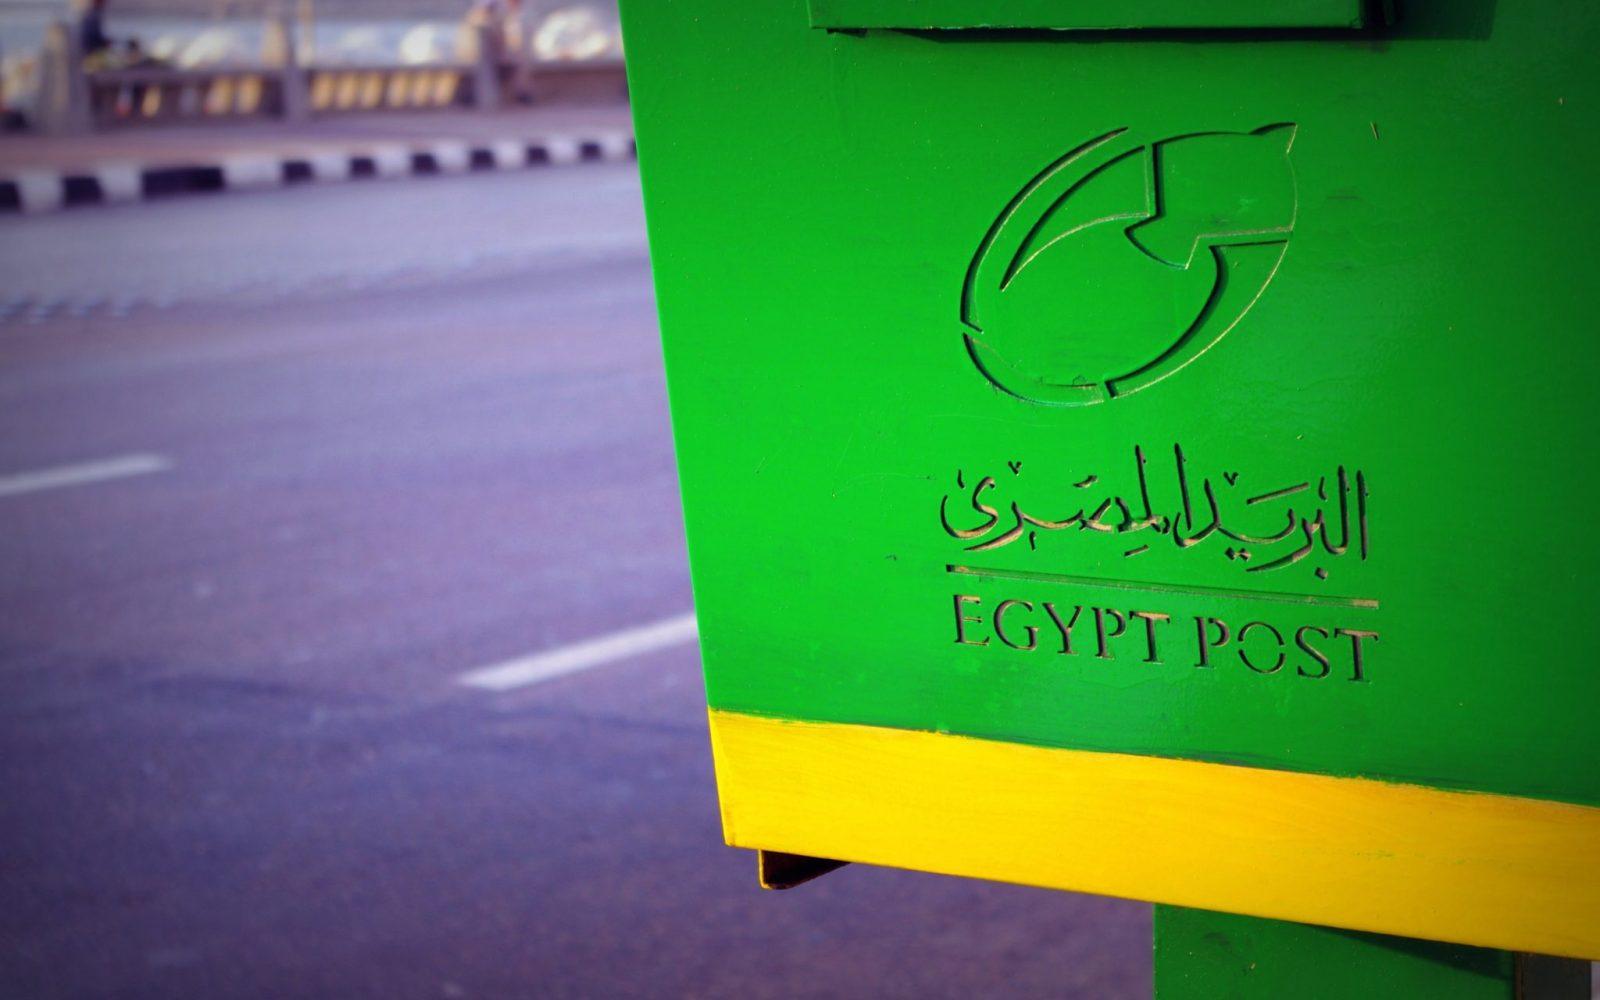 مكافأة شهرين  للعاملين فى البريد بمناسبة شهر رمضان وعيد الفطر